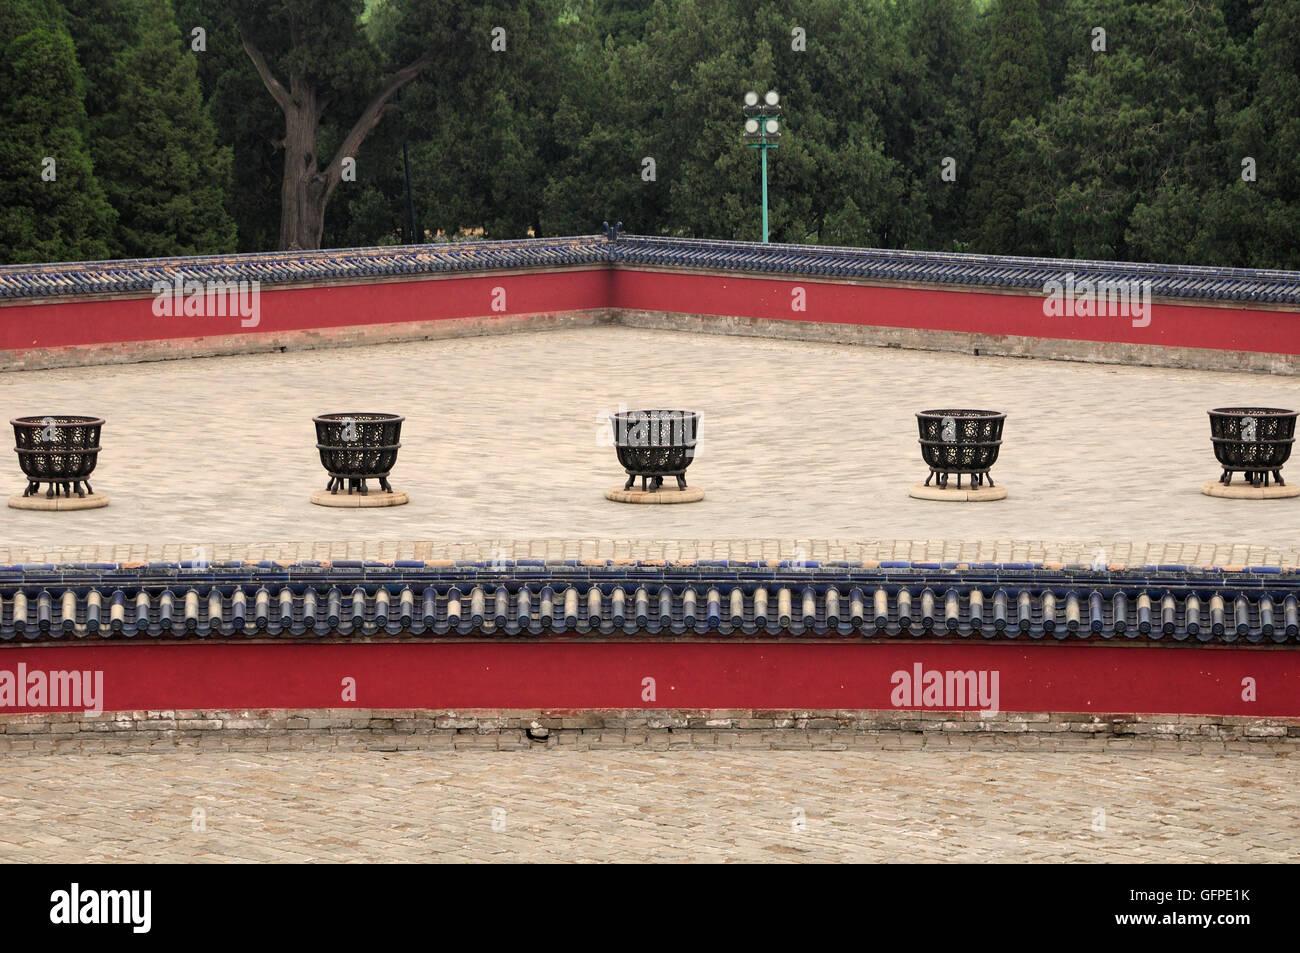 Fogatas y paredes que rodean el Lingxing Gates situado en el Parque Tiantan o Templo del Cielo espacio escénico en Beijing China. Foto de stock